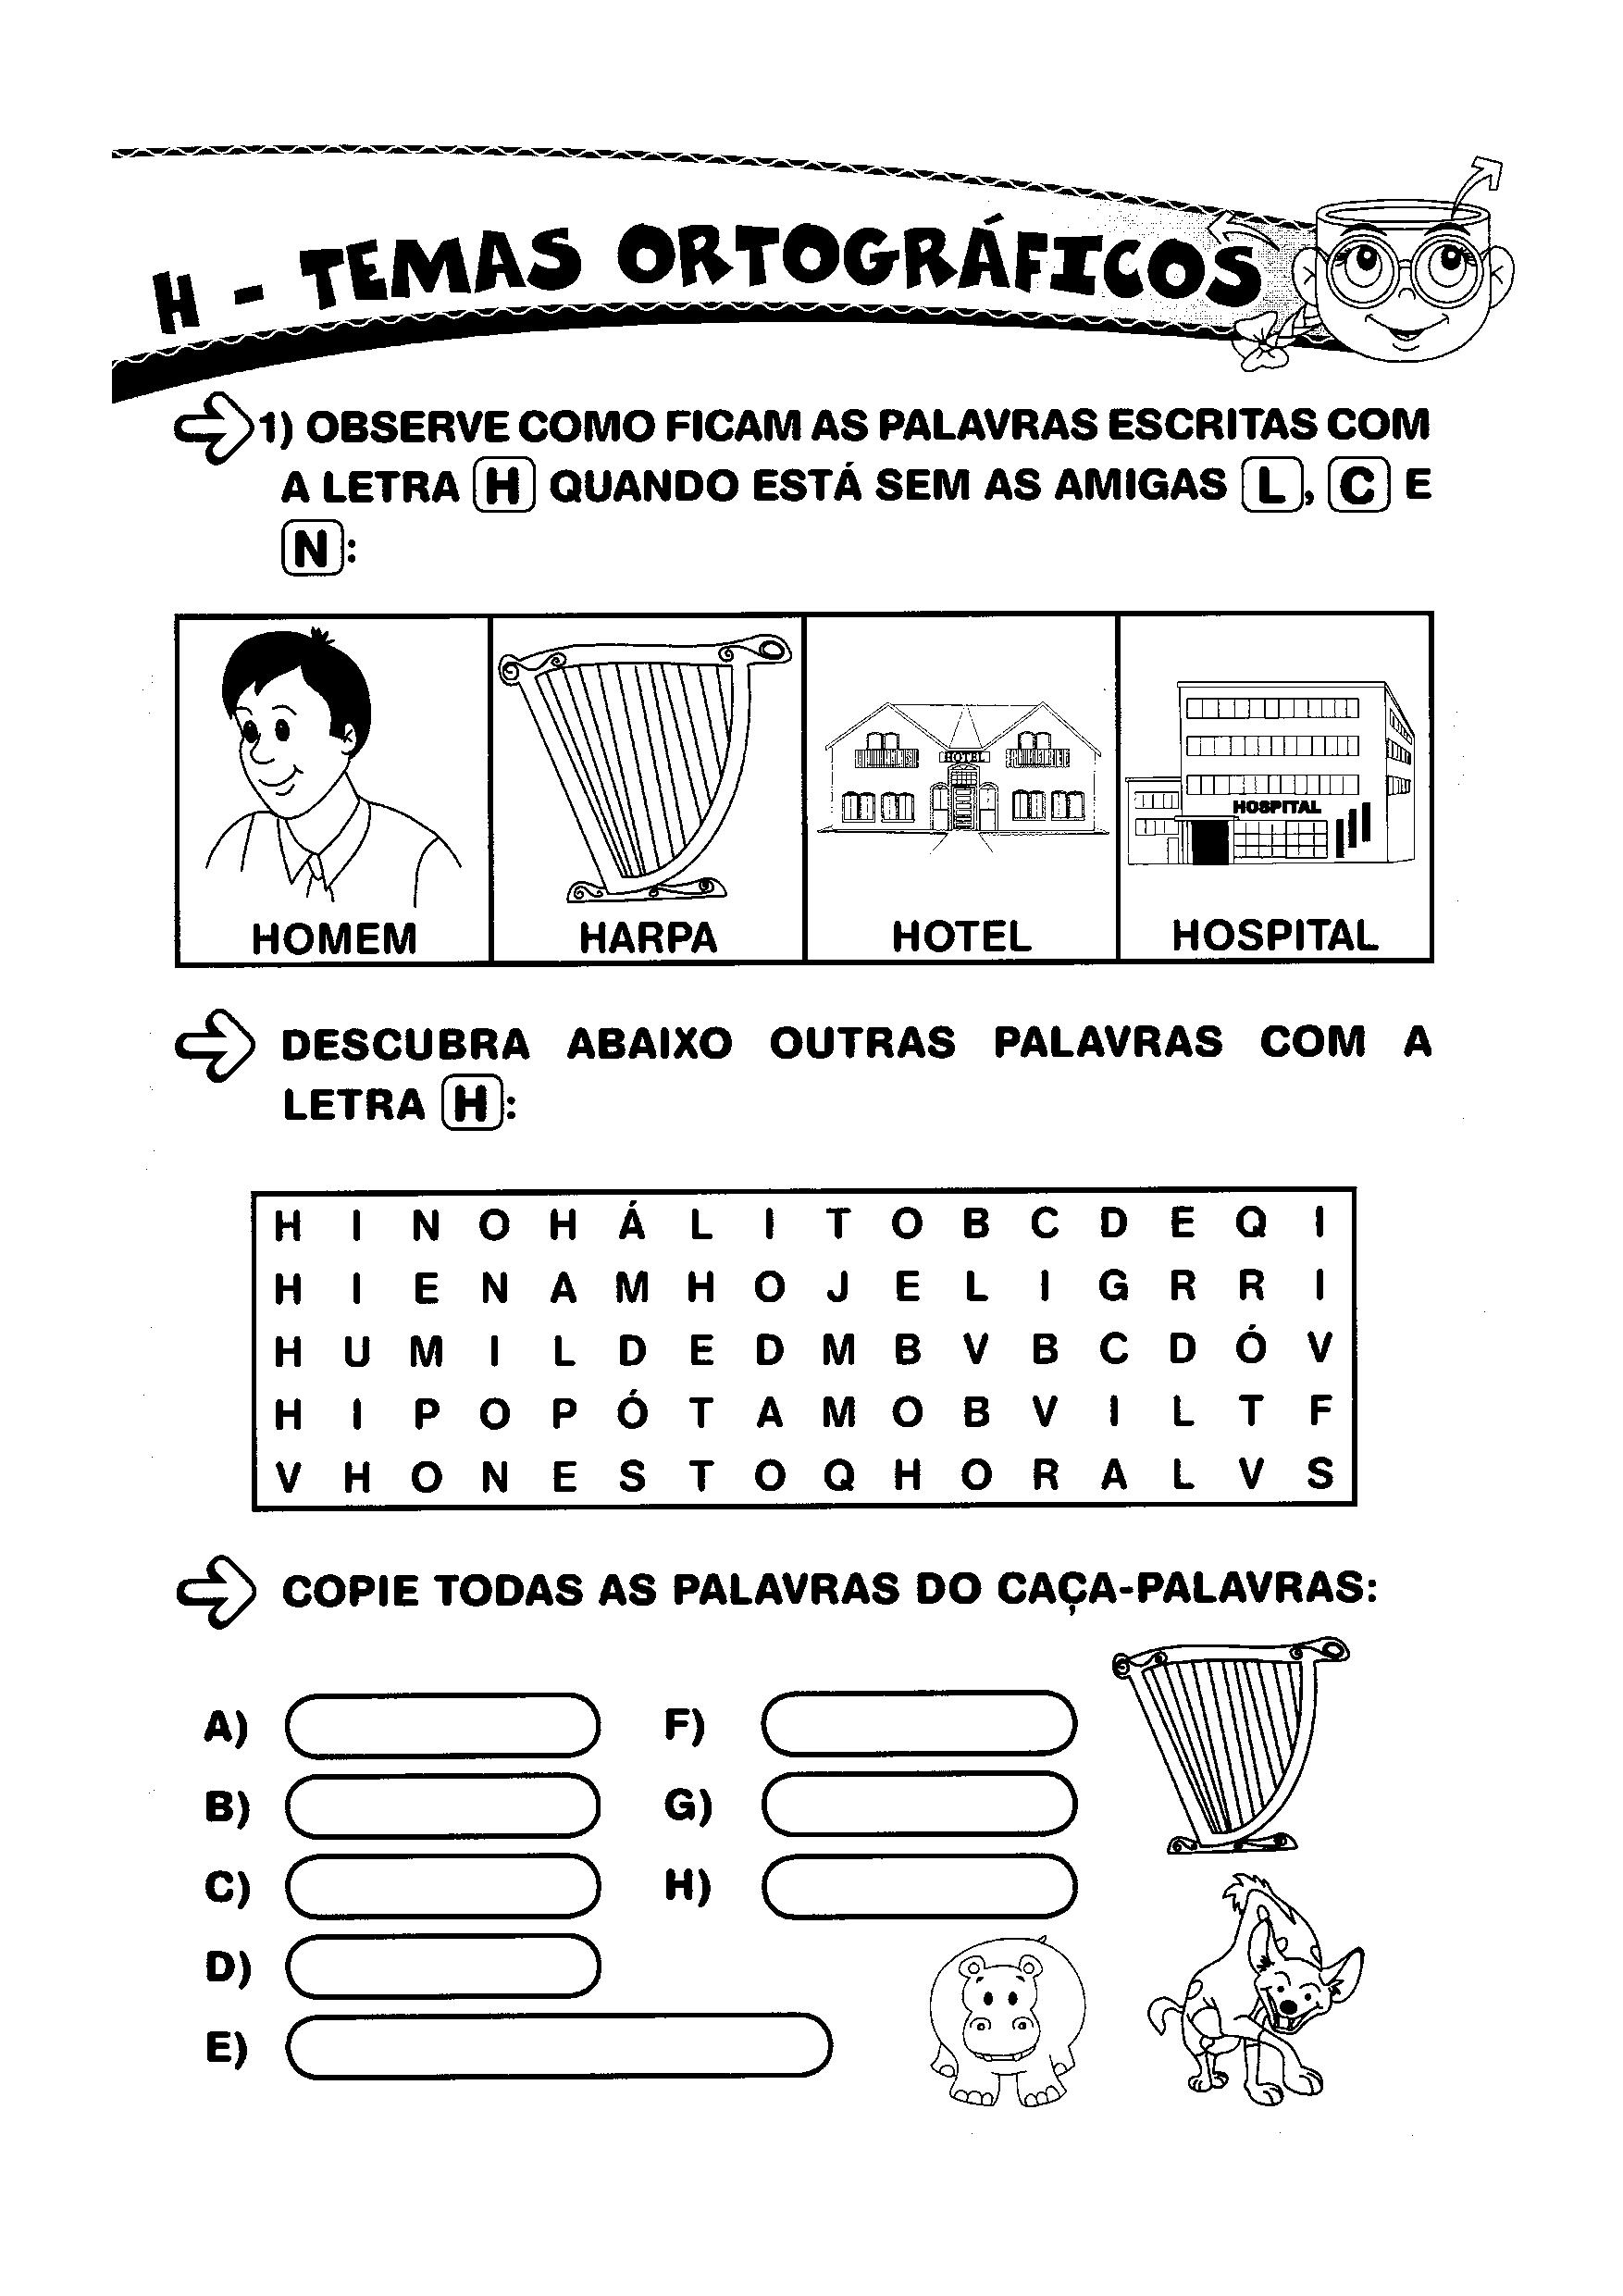 Ortografia - Letra H junto com outras letras